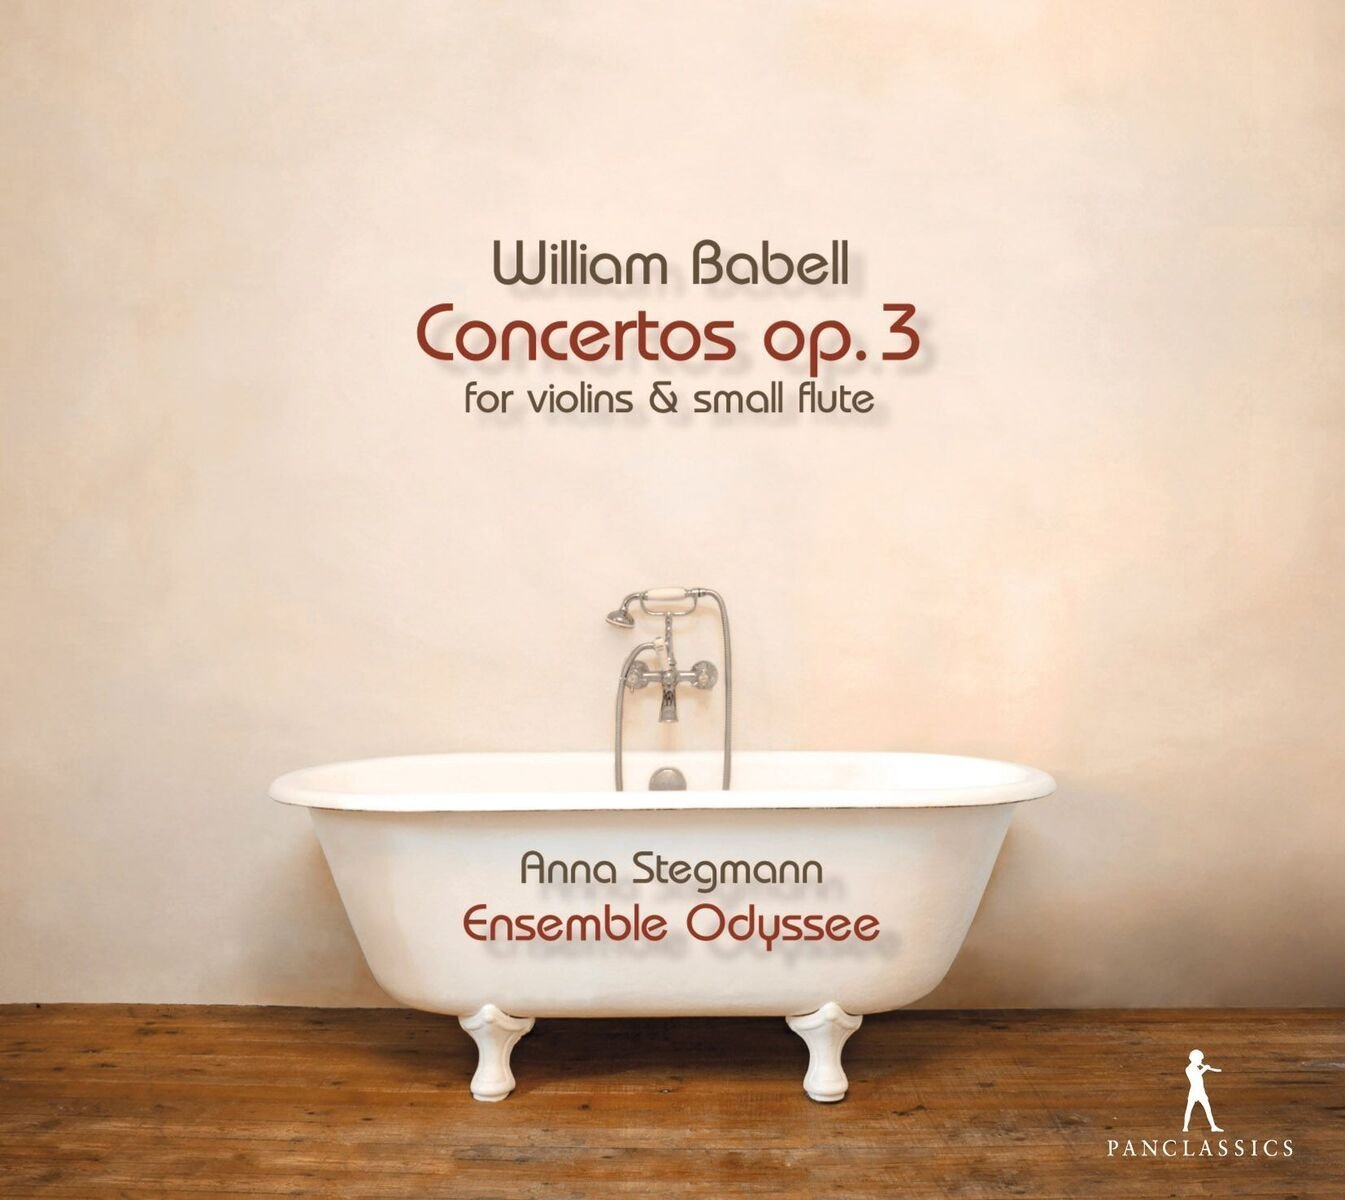 William Babell: Concertos op. 3